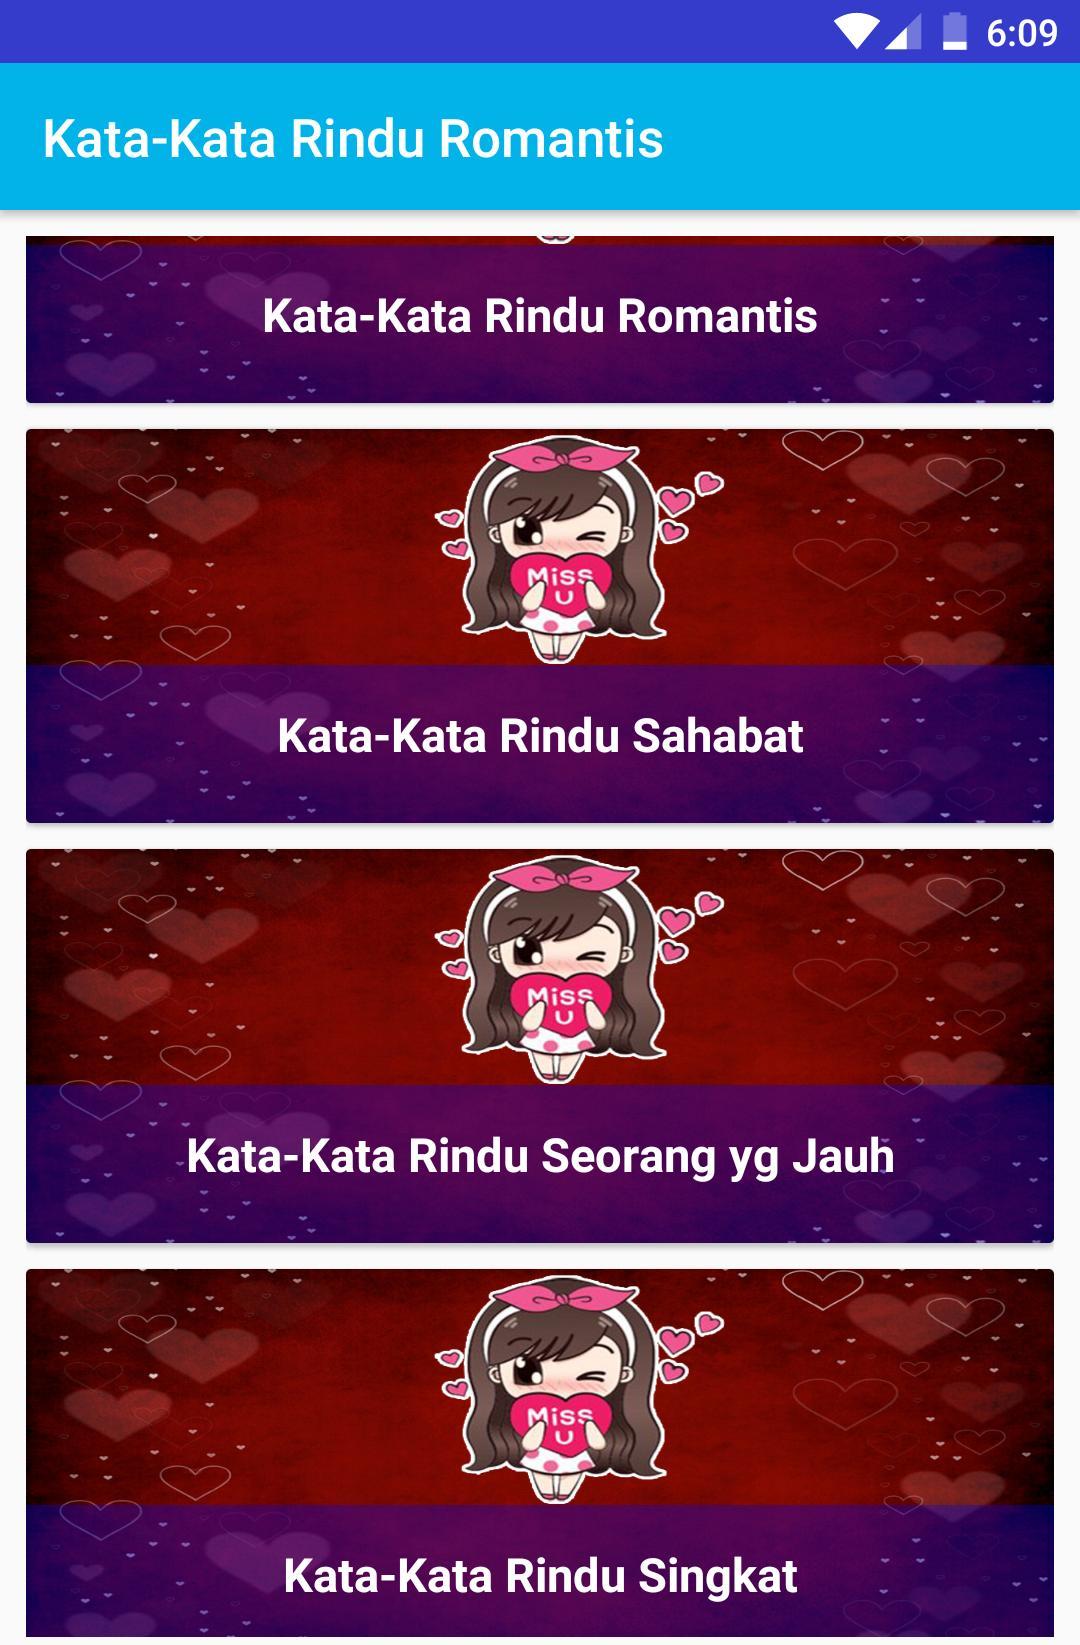 Kata Kata Rindu Romantis For Android Apk Download